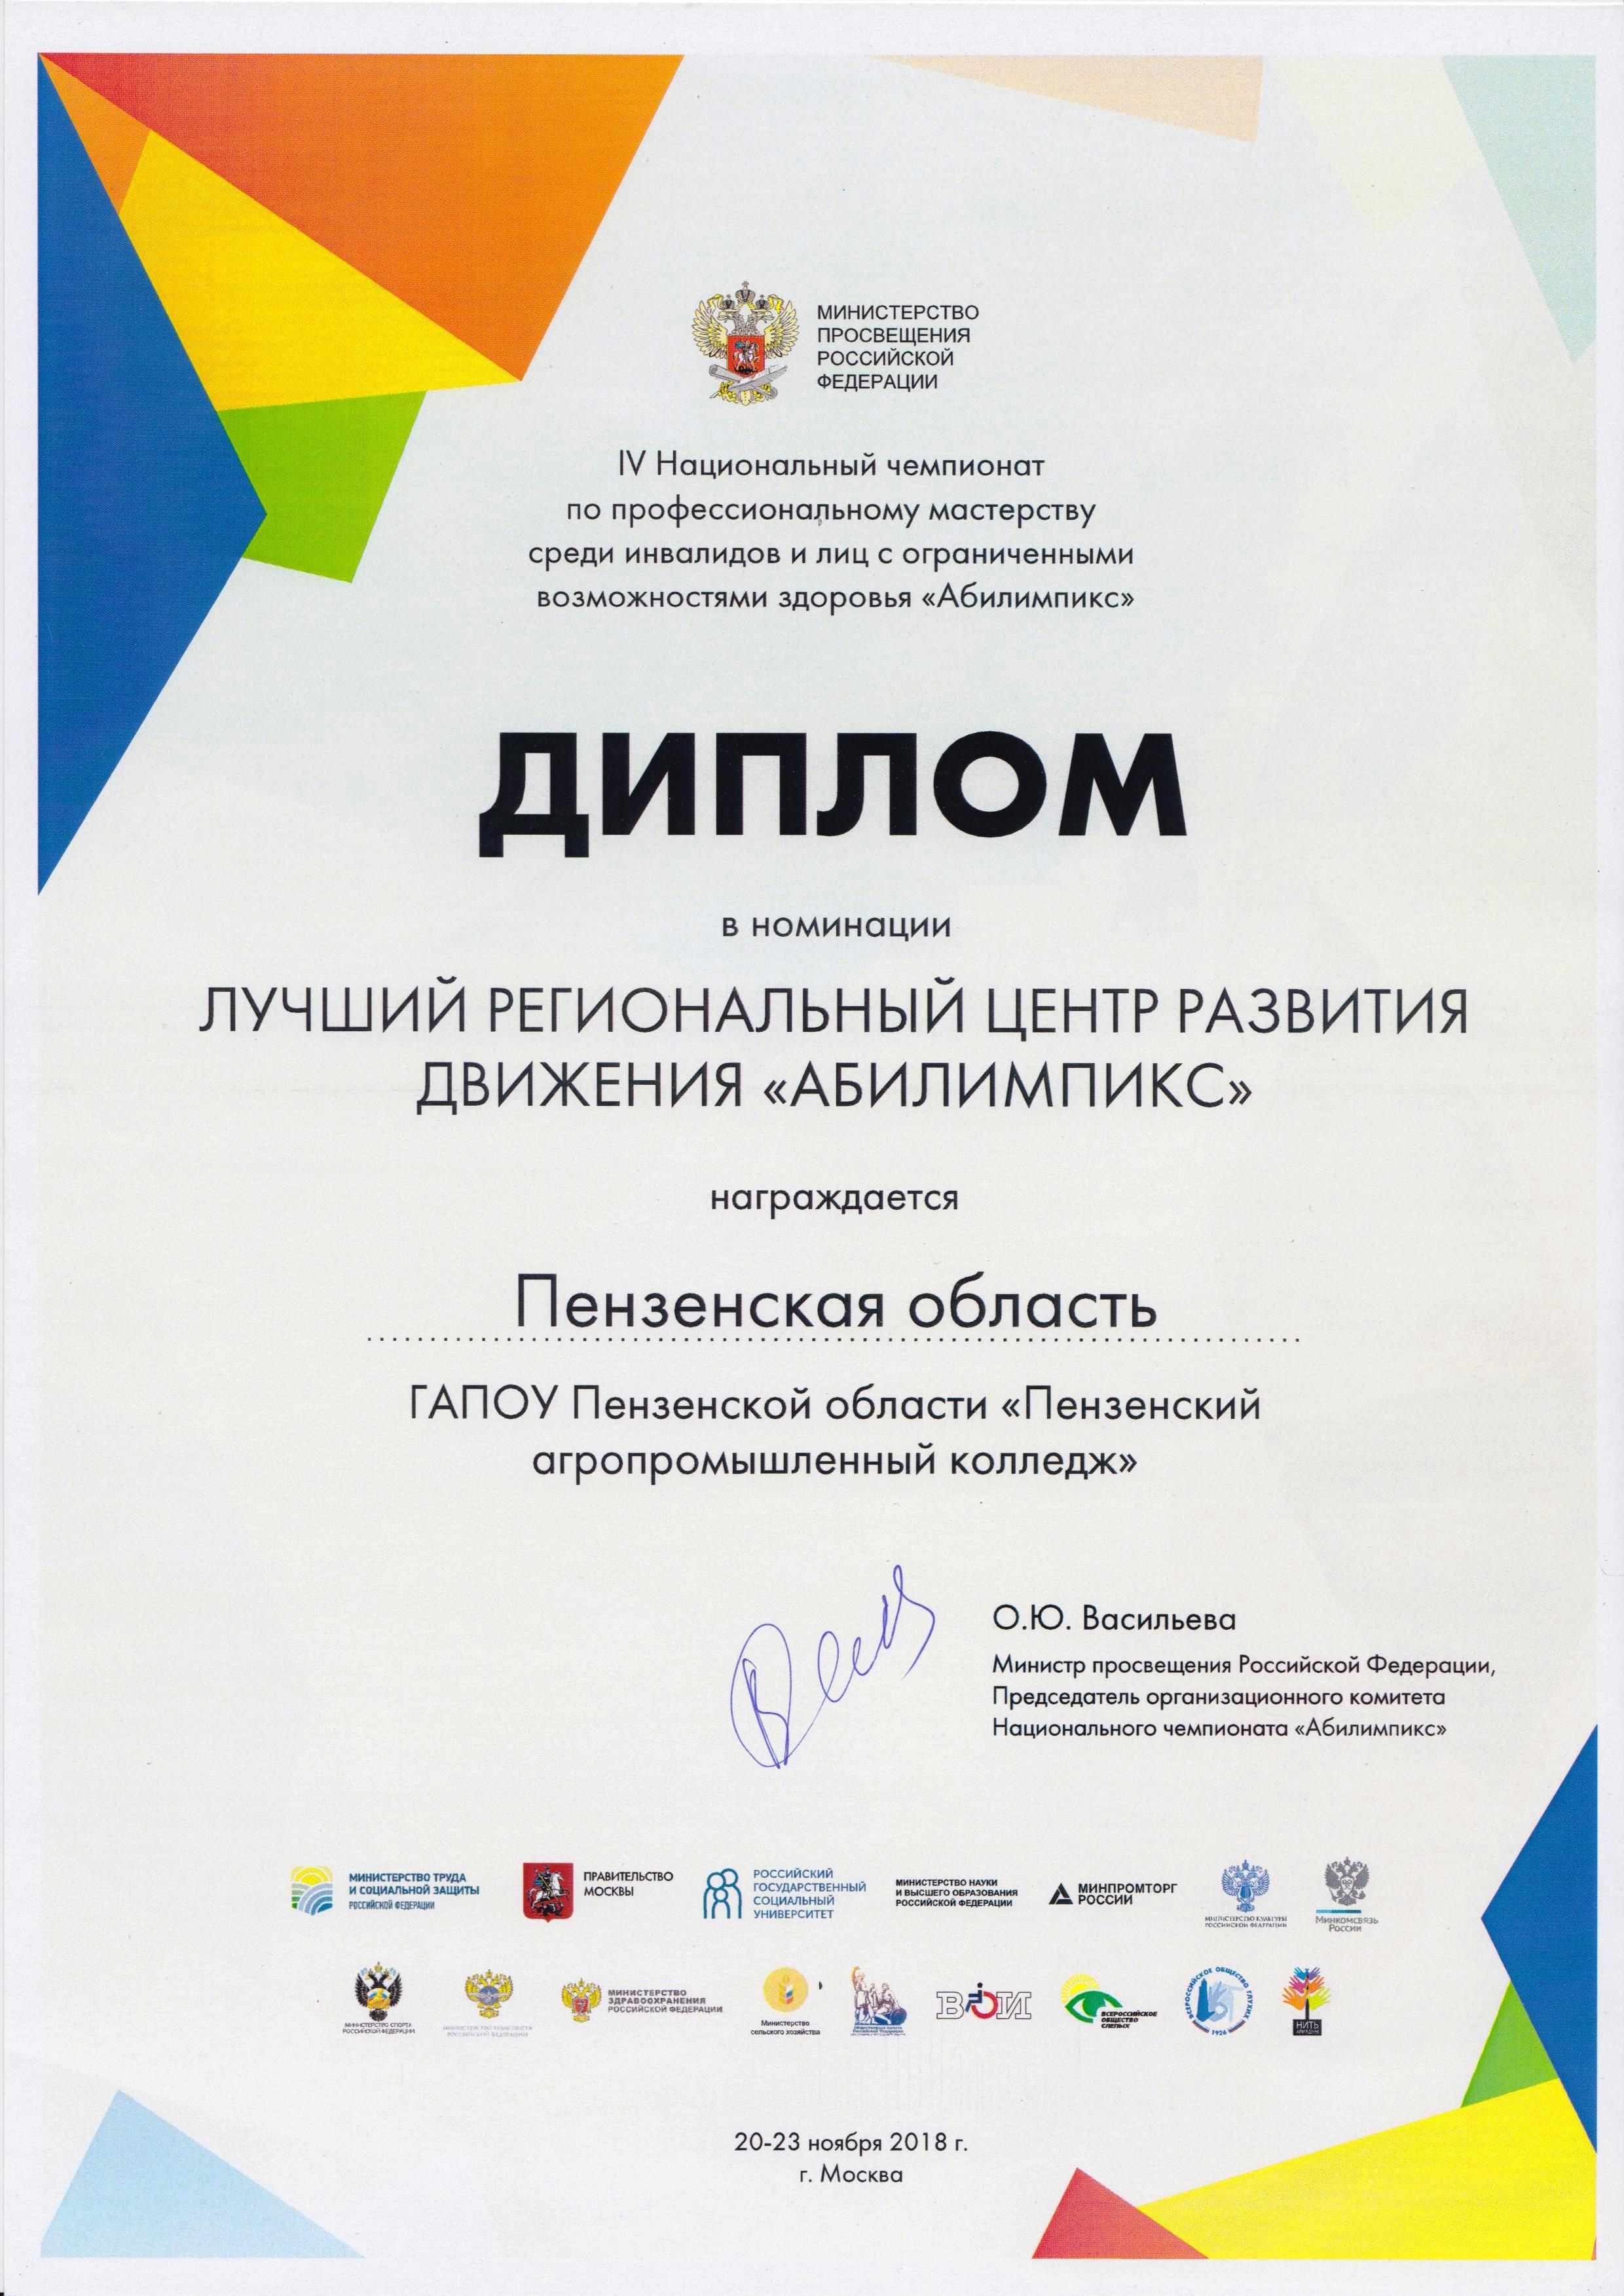 Диплом в номинации ЛУЧШИЙ РЕГИОНАЛЬНЫЙ ЦЕНТР РАЗВИТИЯ ДВИЖЕНИЯ